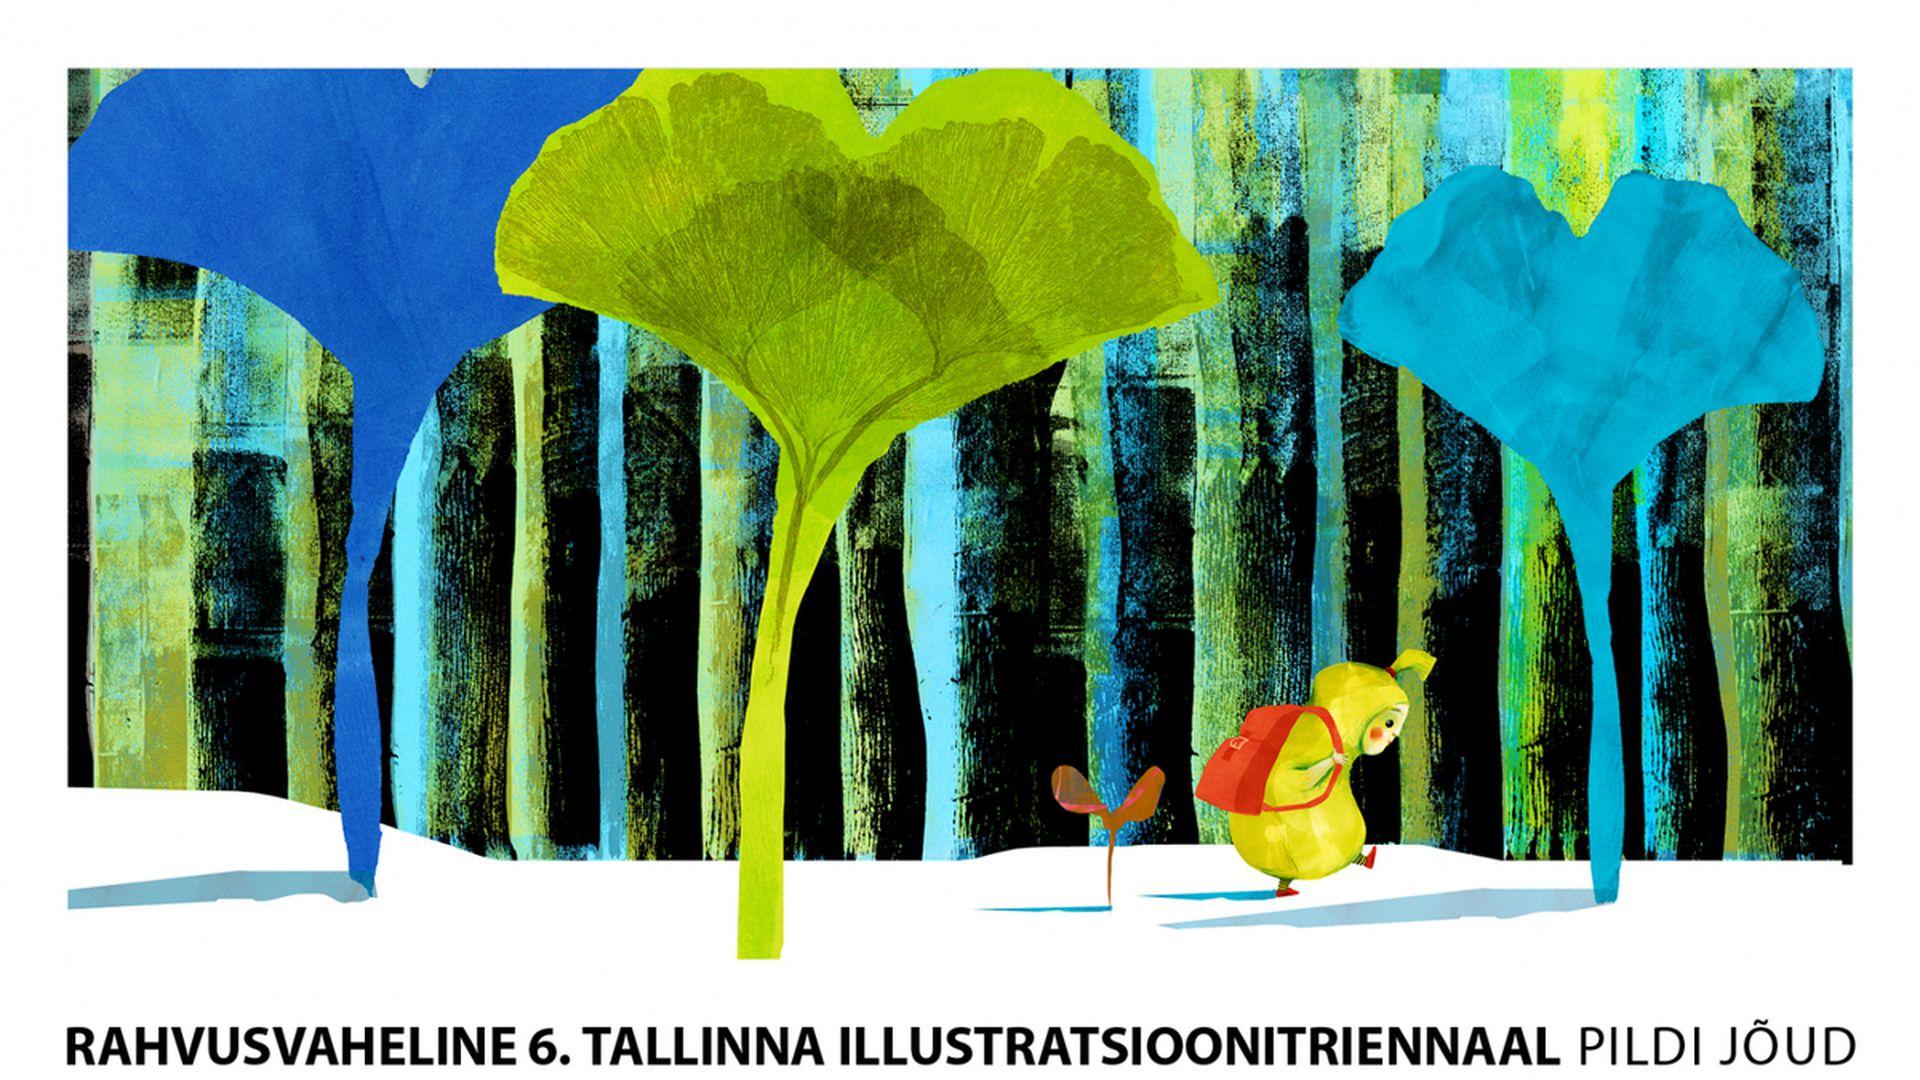 Illustratsioonitriennaal toob kokku maailma illustratsioonikunsti paremiku